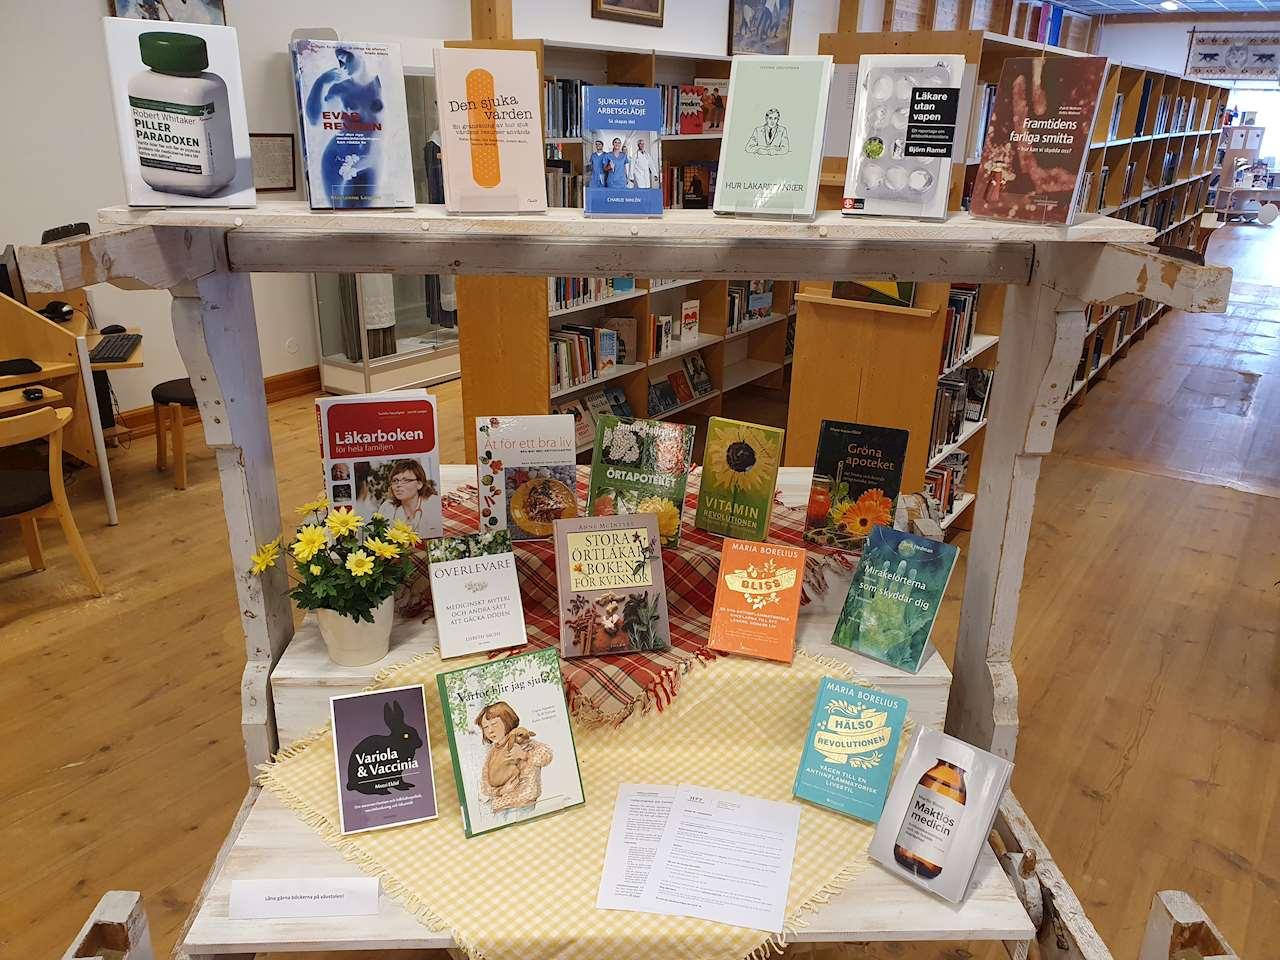 Vävstolen på Sorsele bibliotek med böcker om sjukdomar och hälsovård